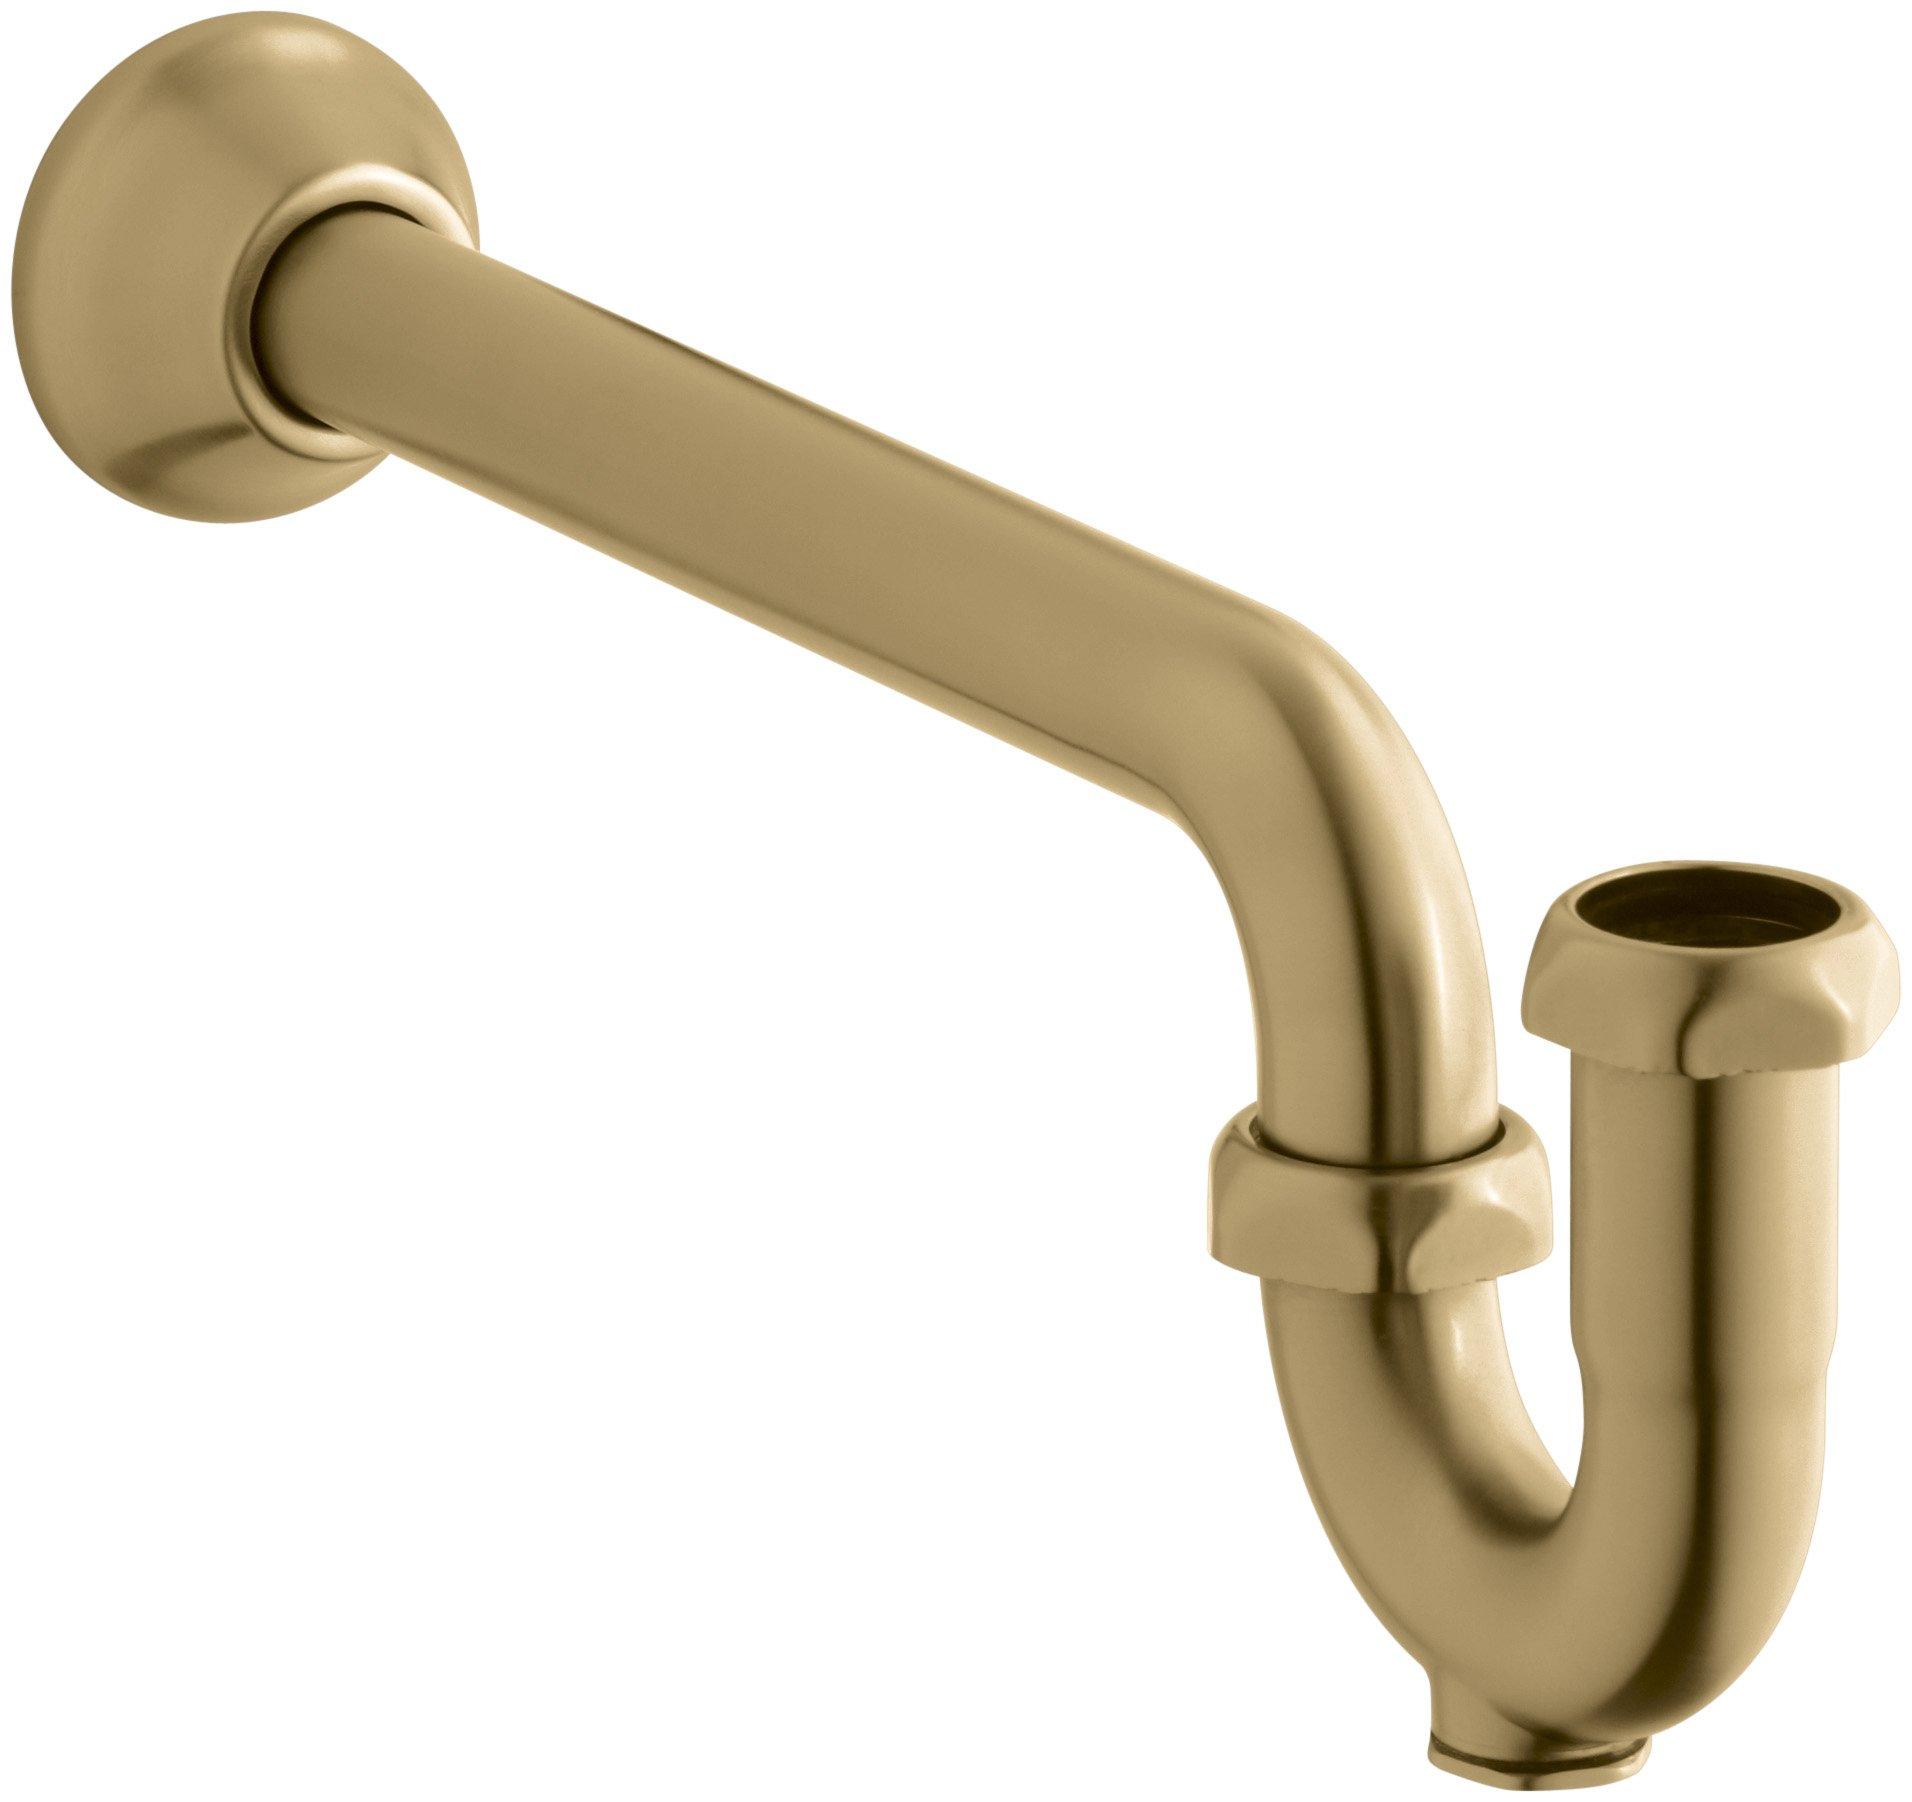 Kohler K-9018-BGD P-Trap with Tubing Outlet, 1-1/4'' X 1-1/4'', Vibrant Moderne Brushed Gold